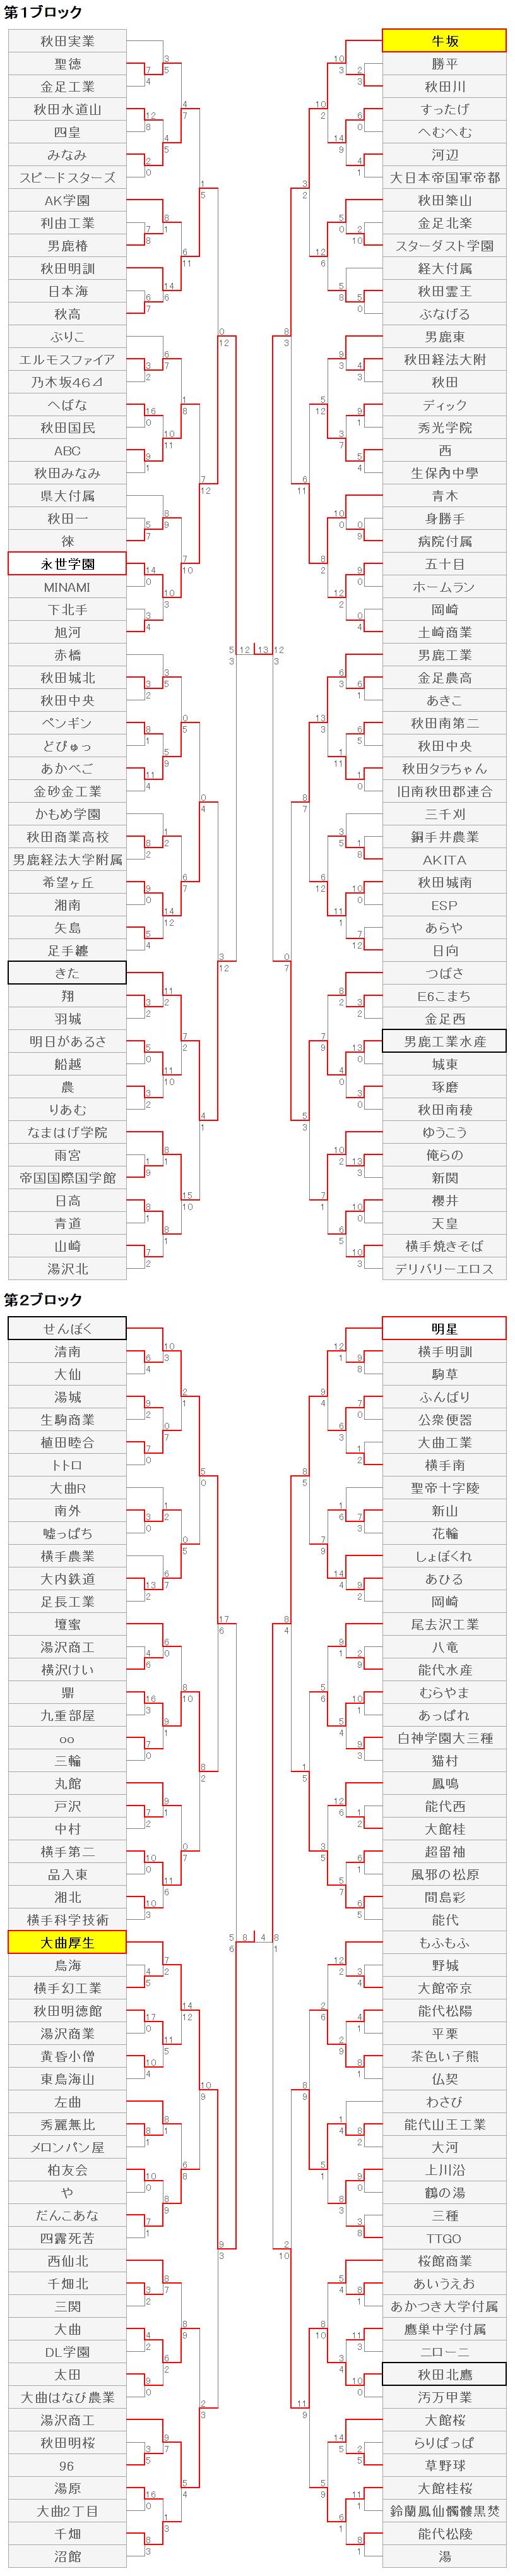 211秋田7